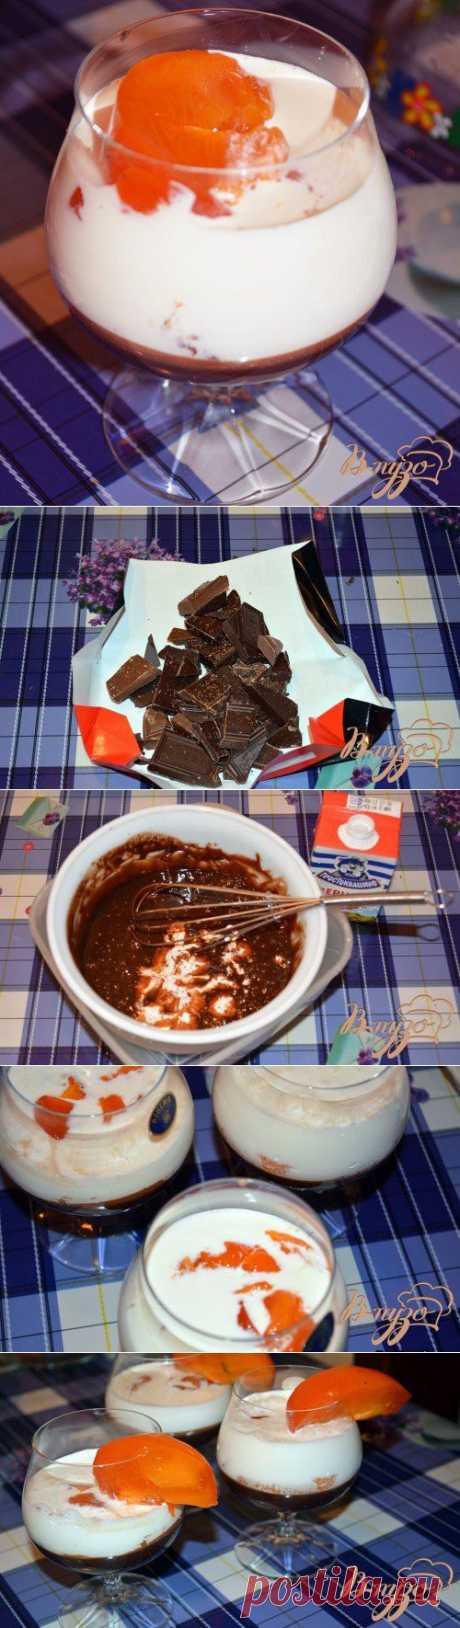 Шоколадное блаженство